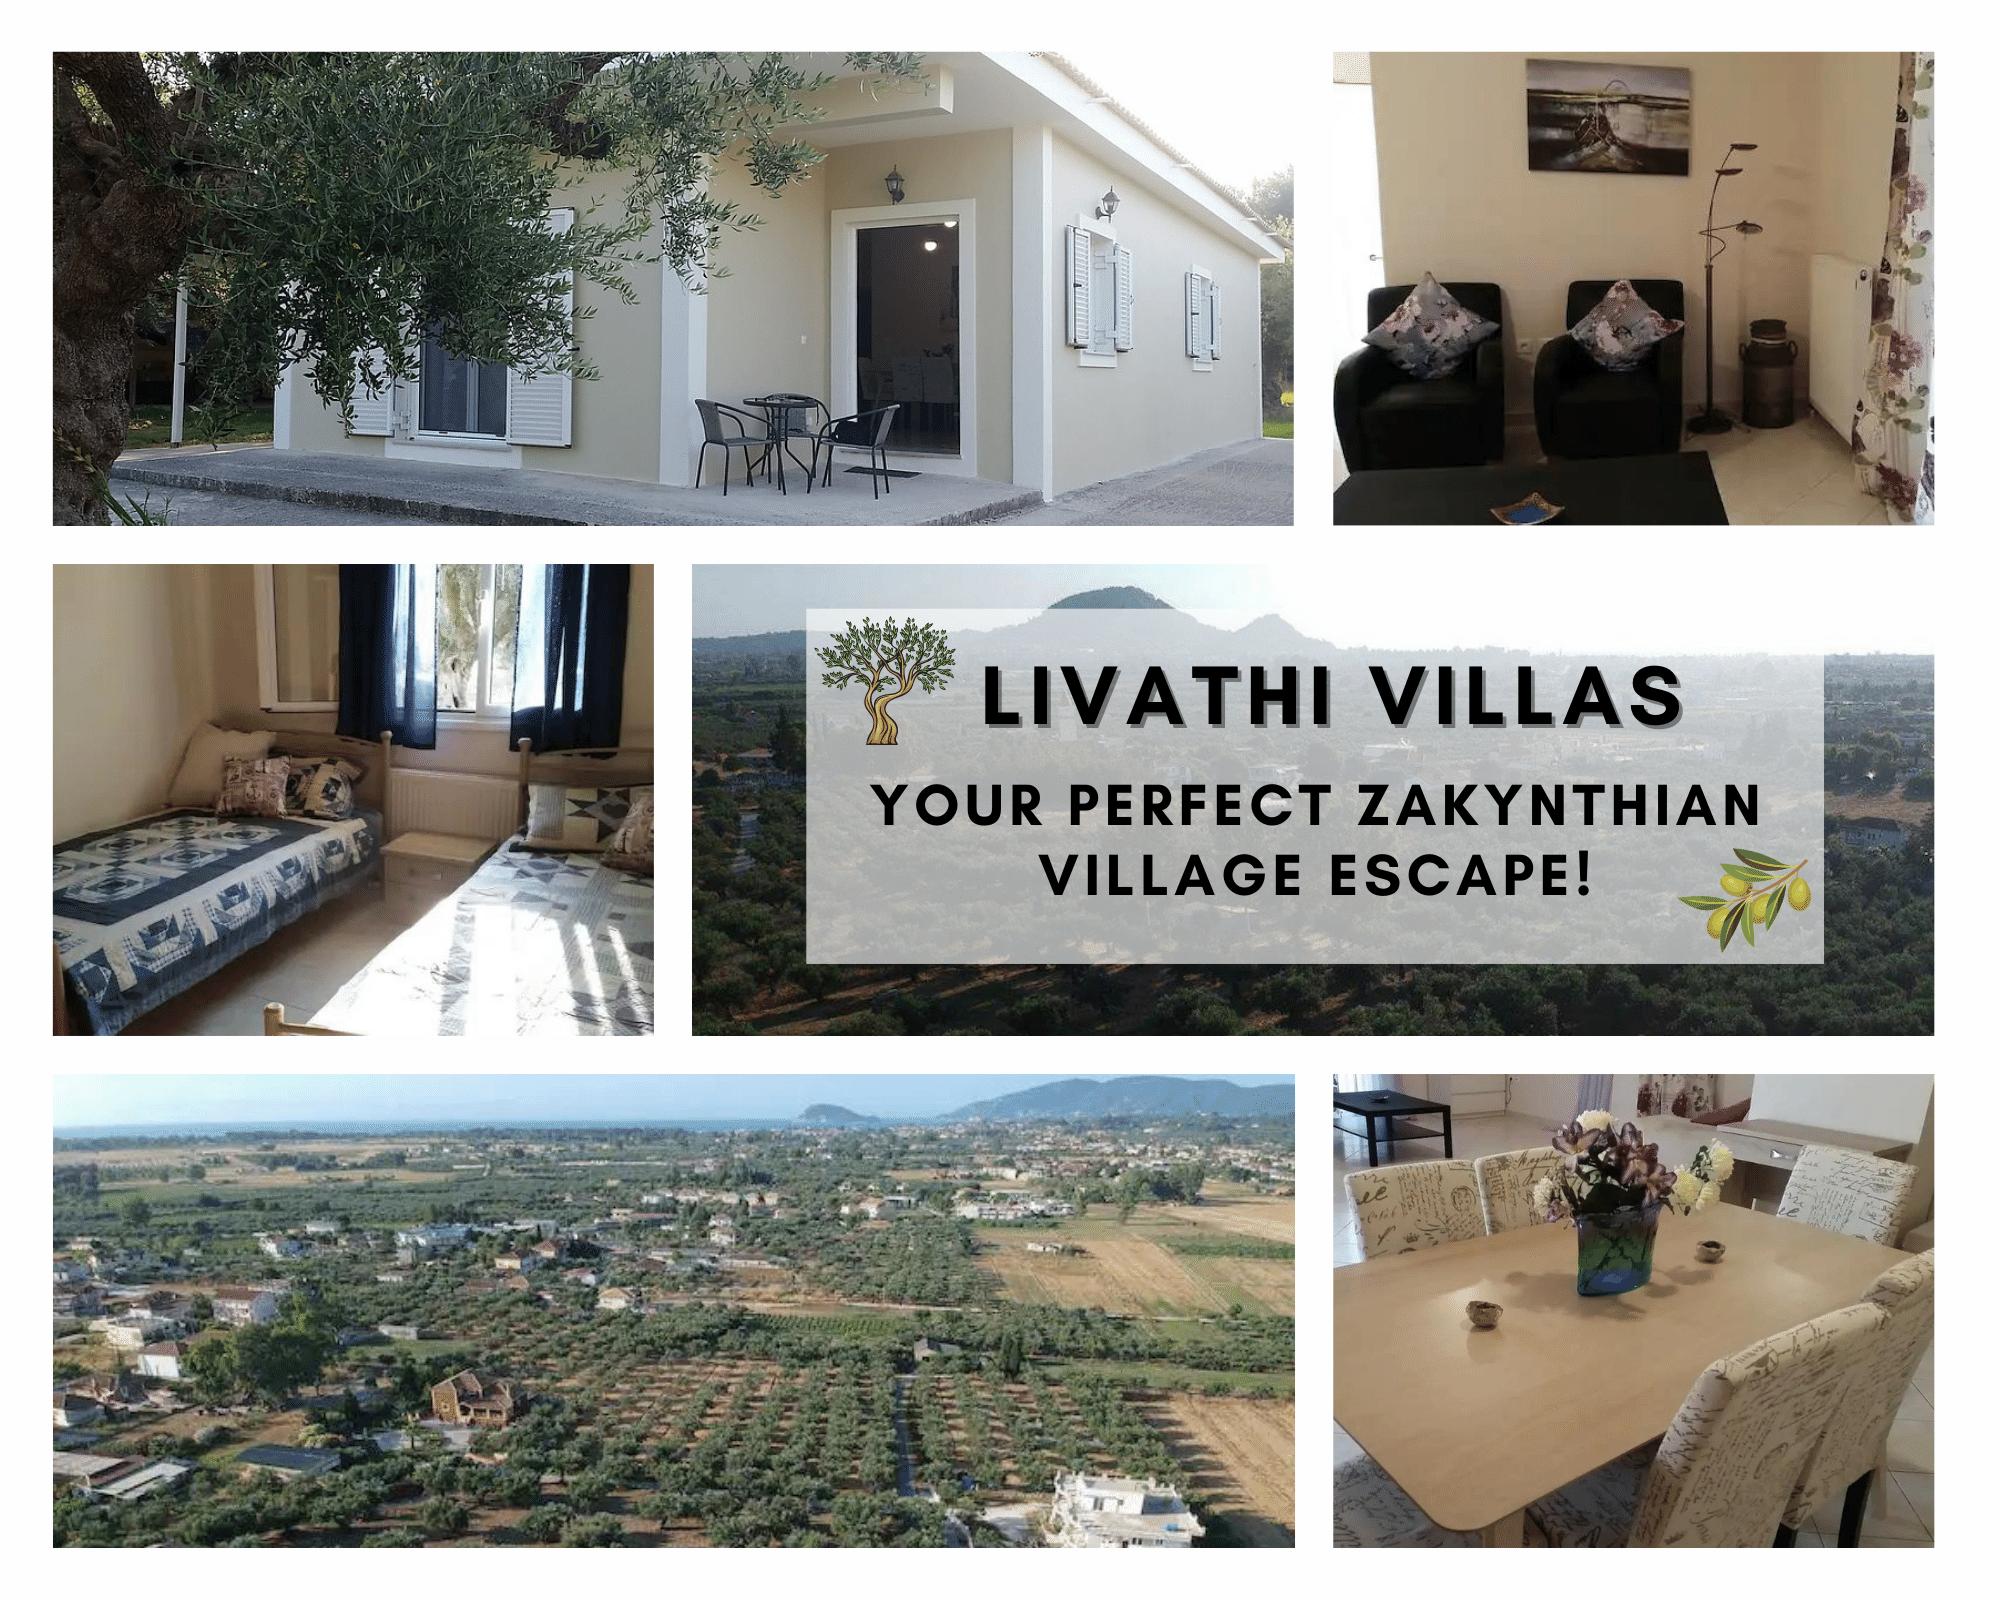 Livathi Villas